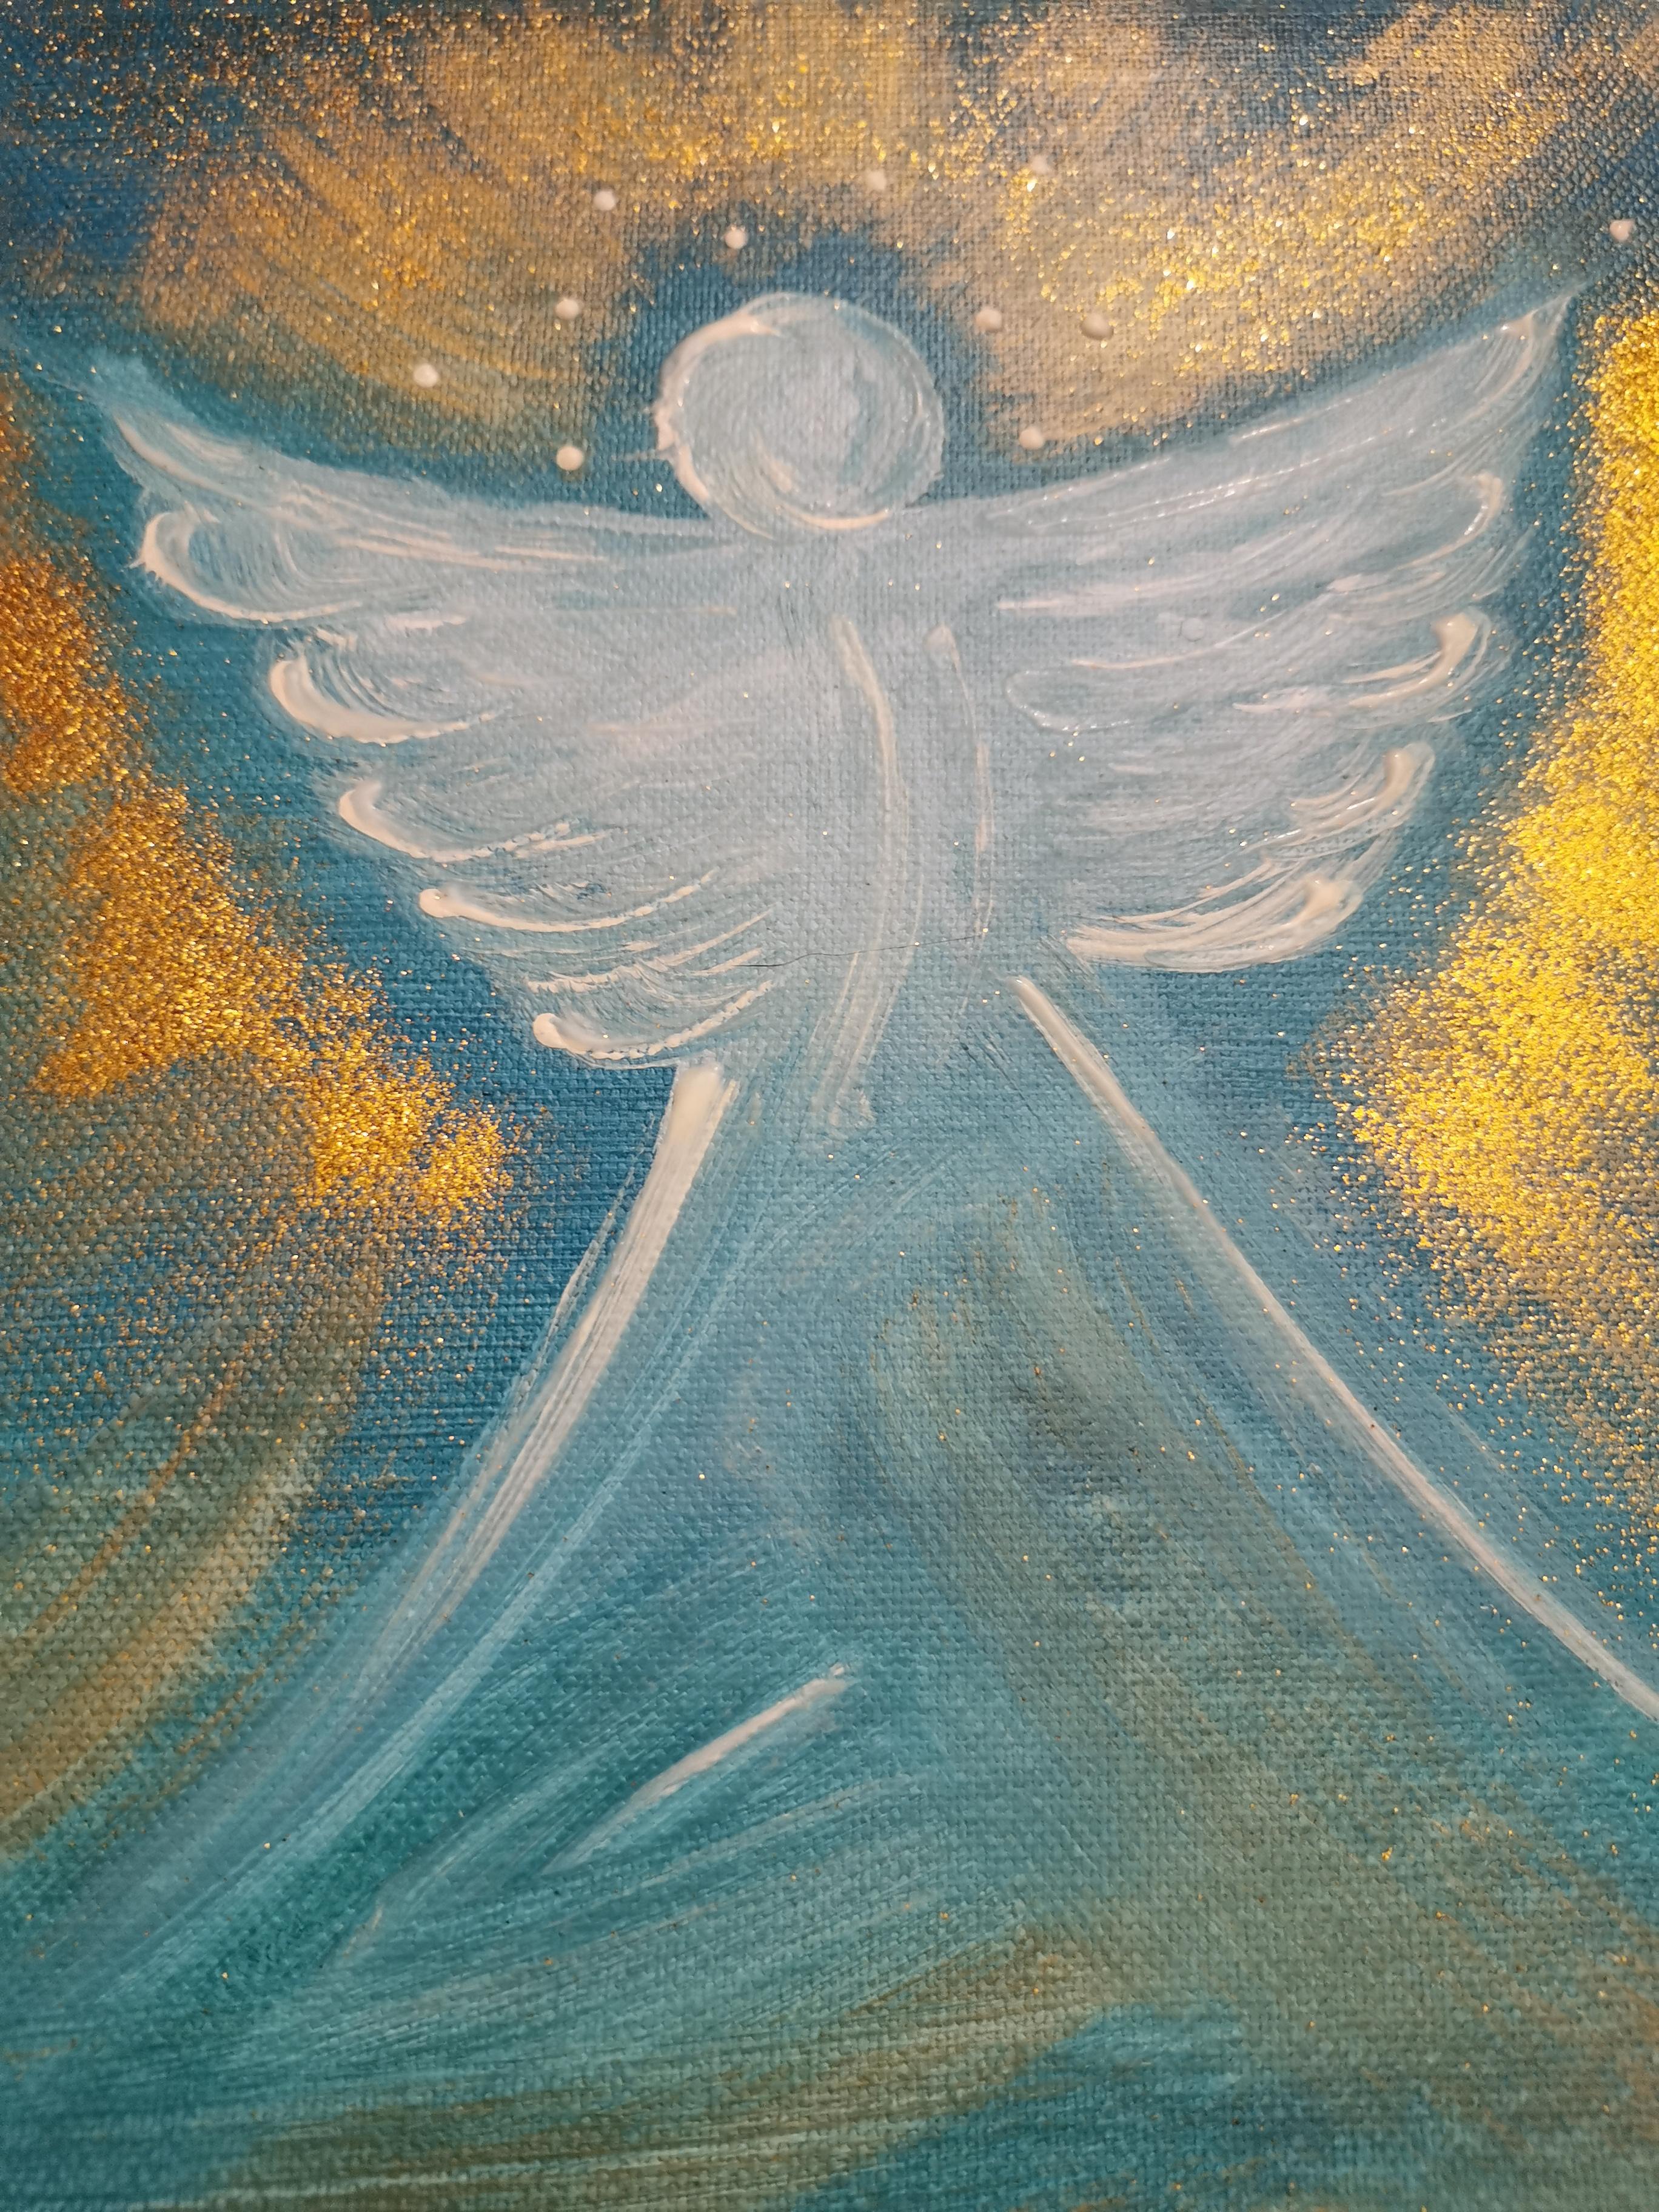 danse ton ange de la nuit_ 001_ de nuit